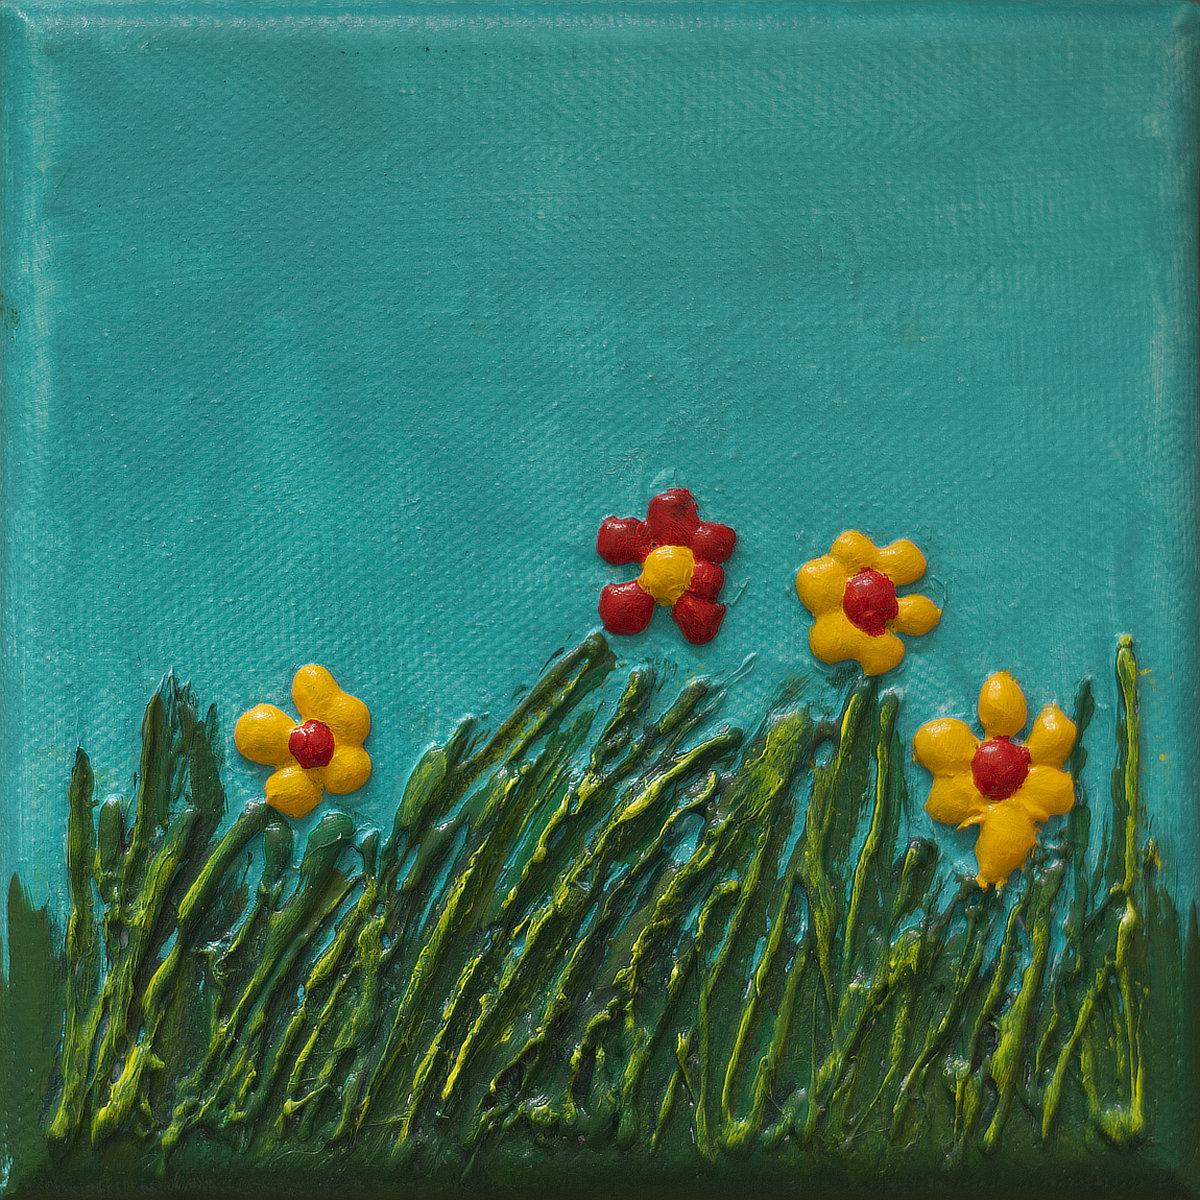 Fleurs des champs - mini acrylique sur toile